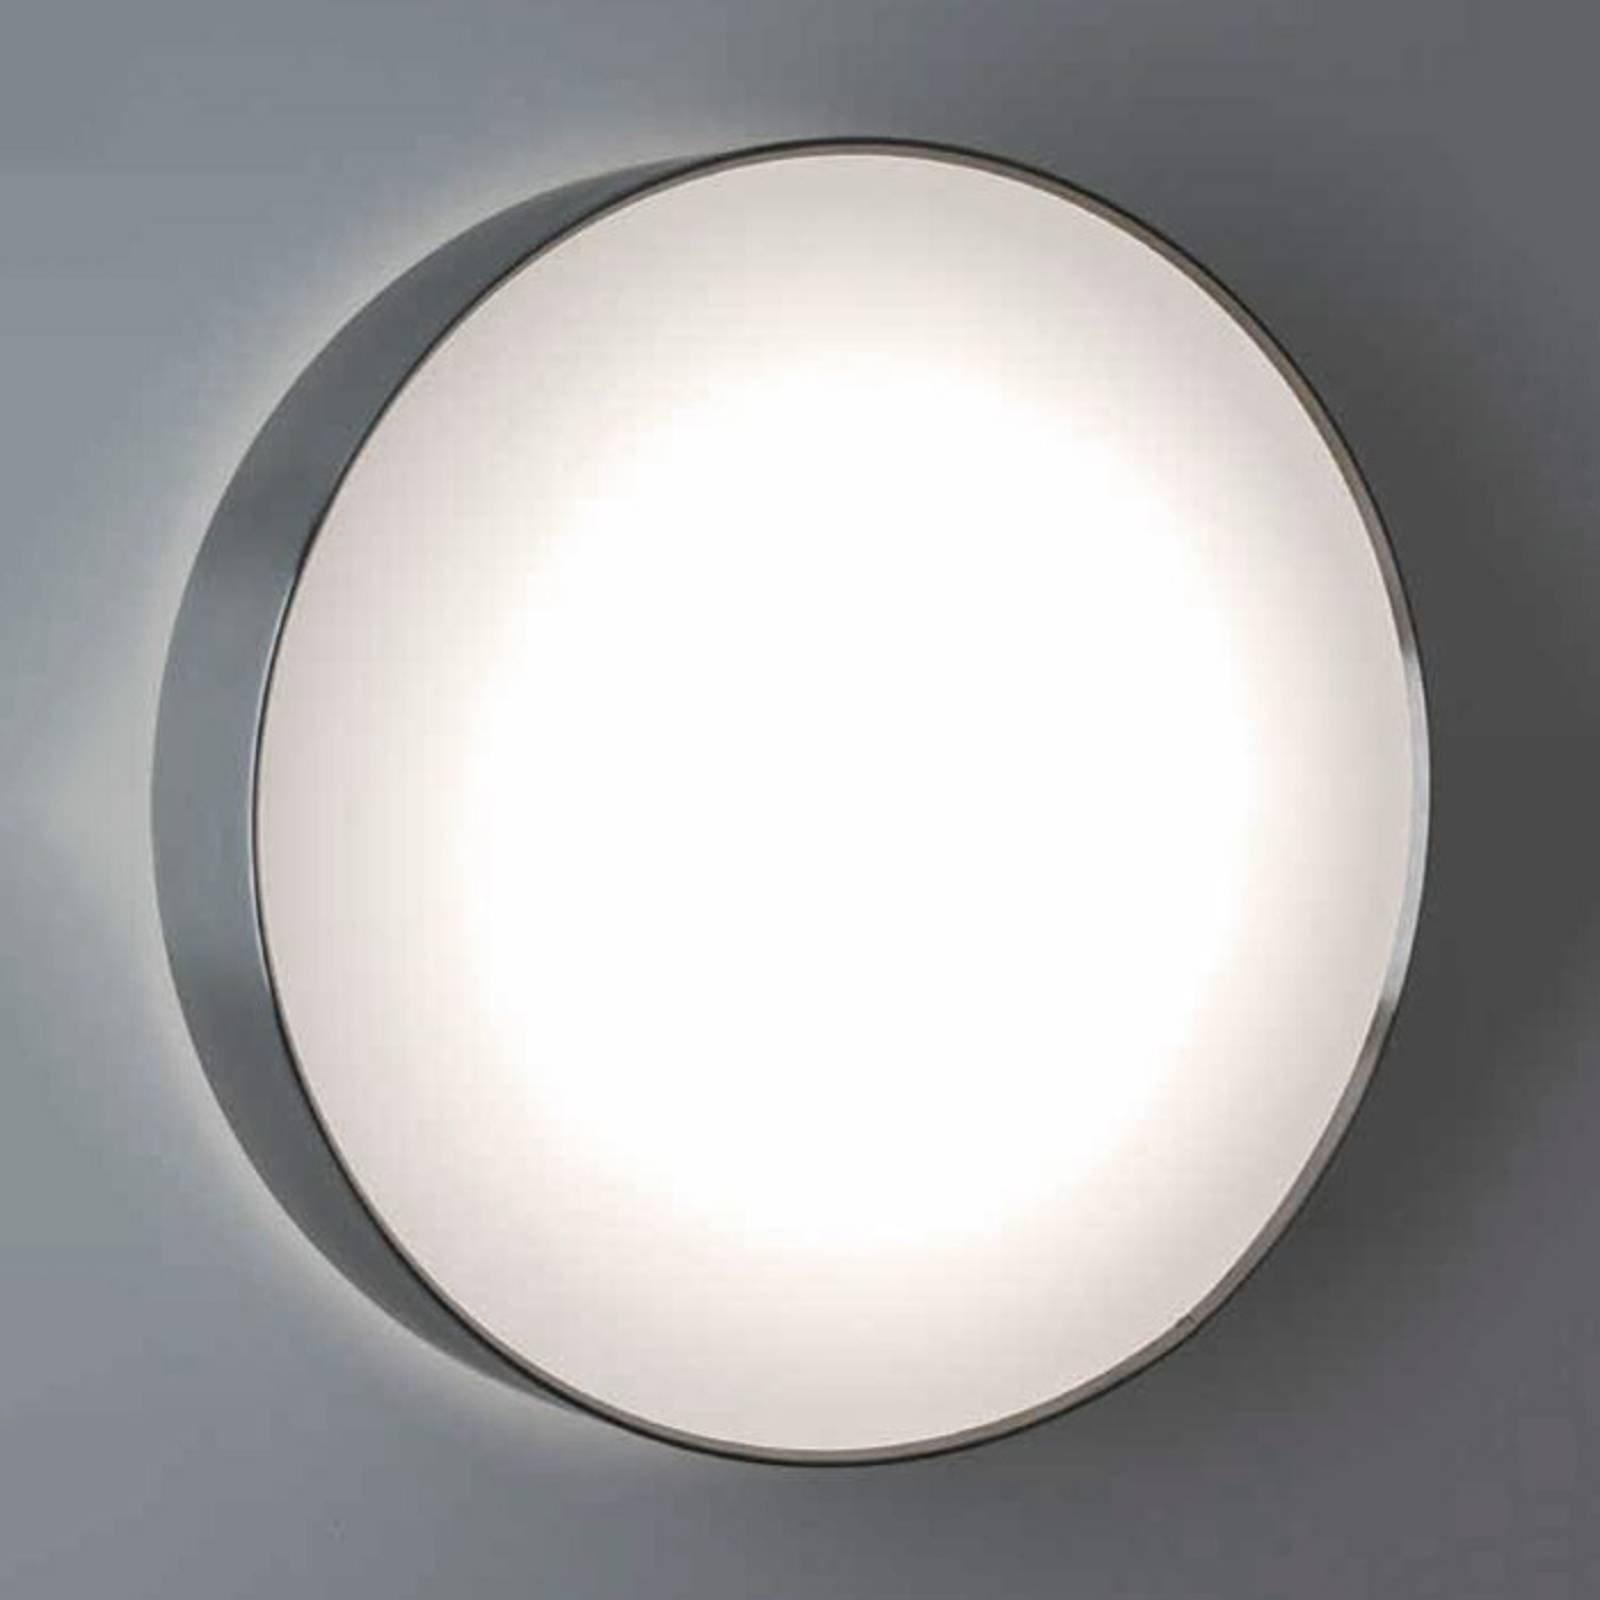 SUN 4 LED-taklampe i rustfritt stål m. 13 W og 4 K